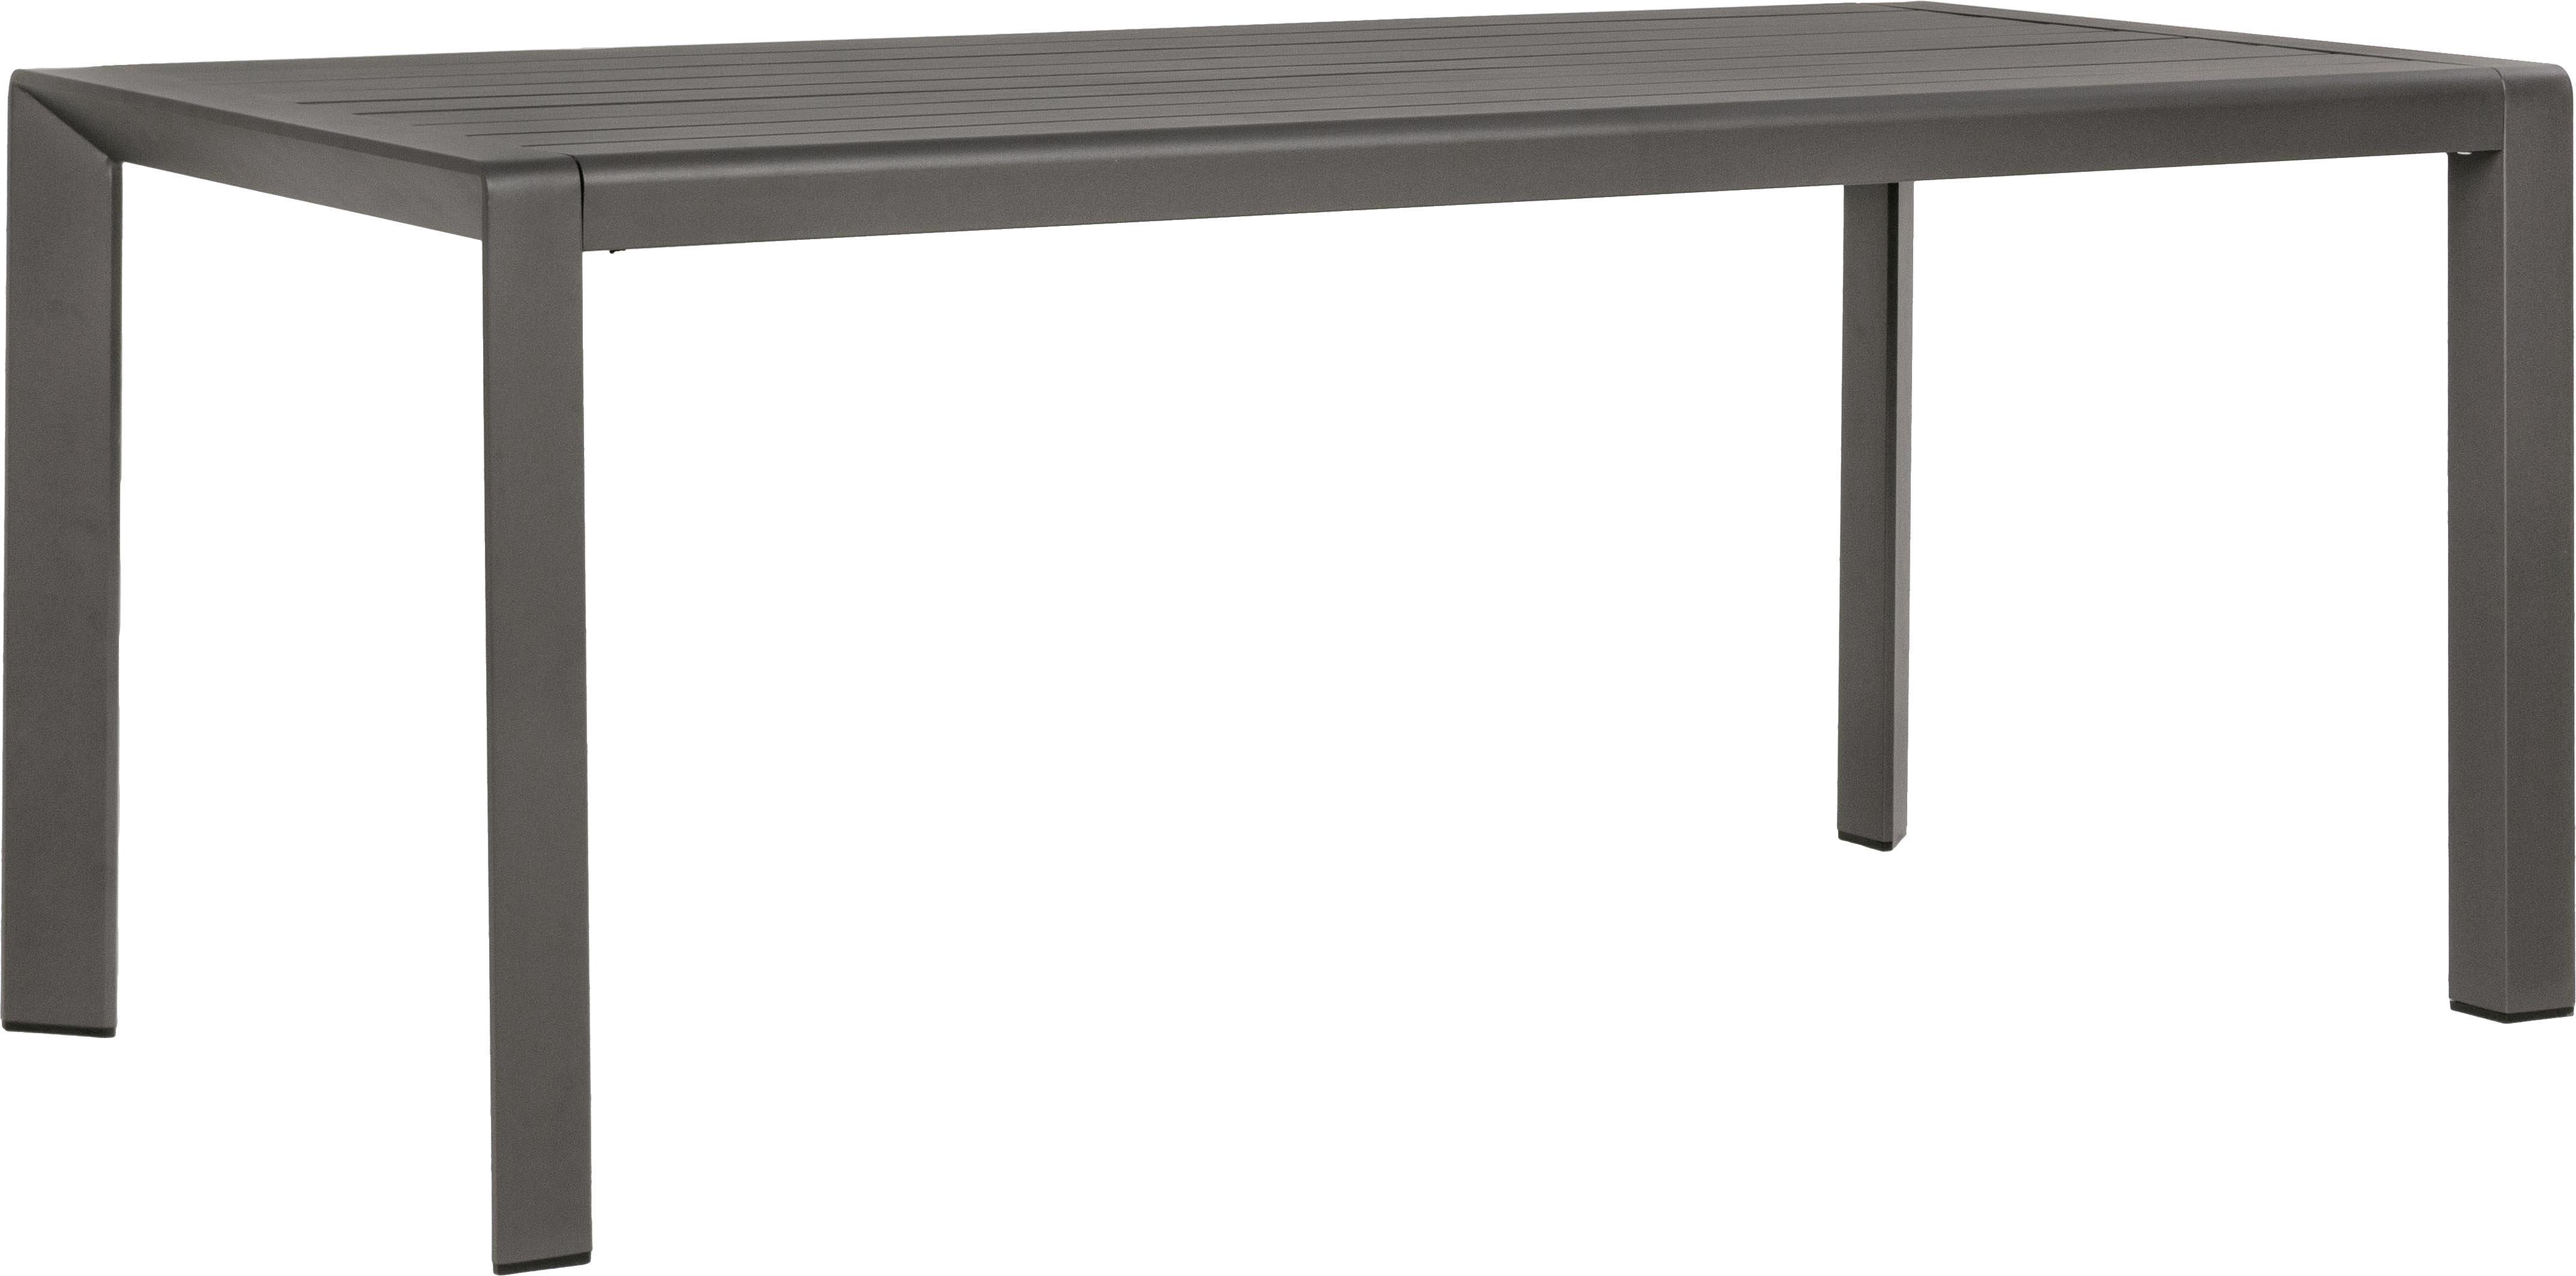 Mesa de exterior Kirby, Aluminio con pintura en polvo, Gris antracita, An 180 x F 90 cm